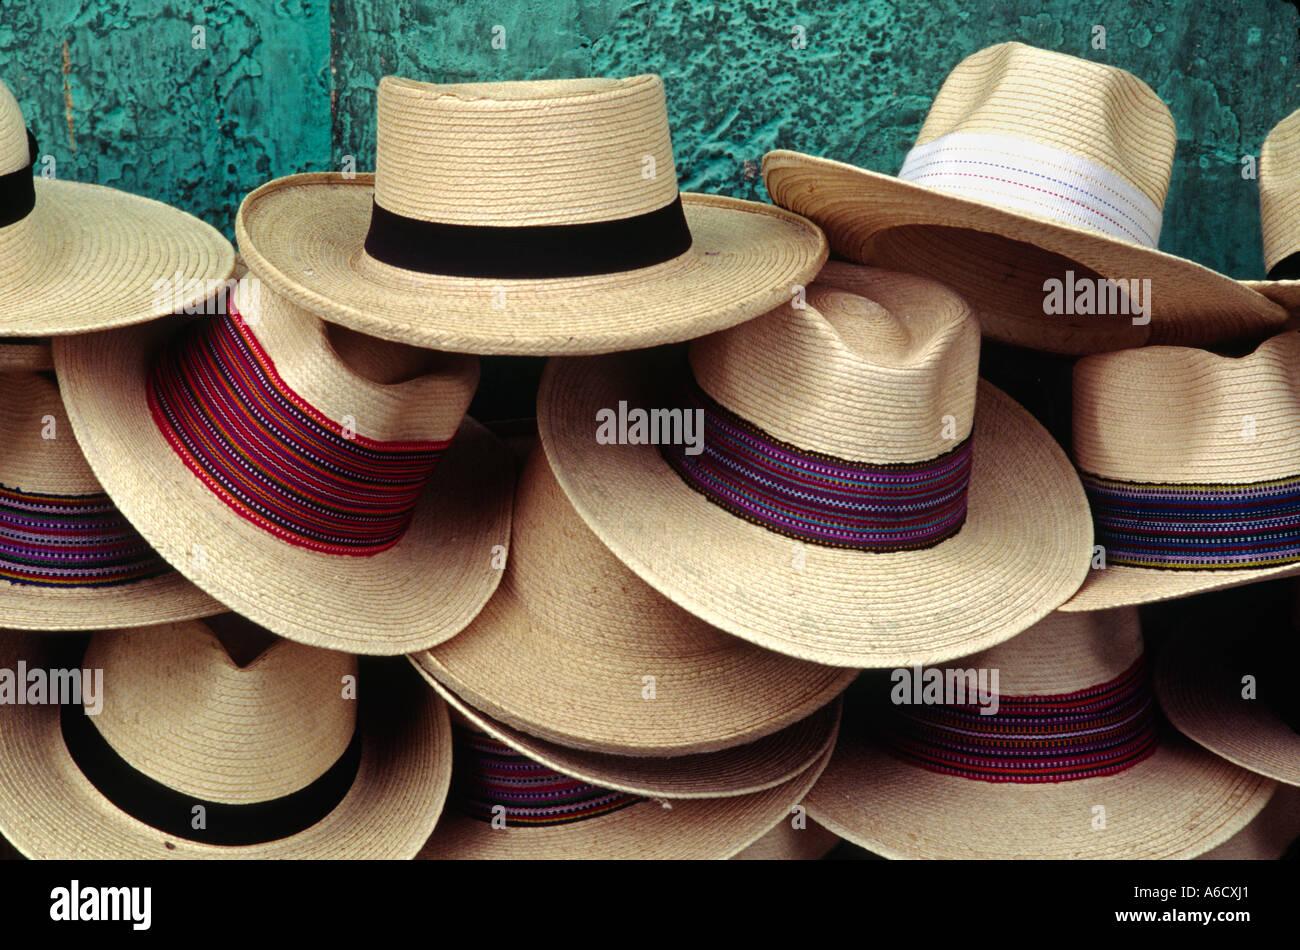 fde01f7f3abed Sombreros de Panamá para la venta en las calles durante la Semana Santa la pascua  Antigua Guatemala